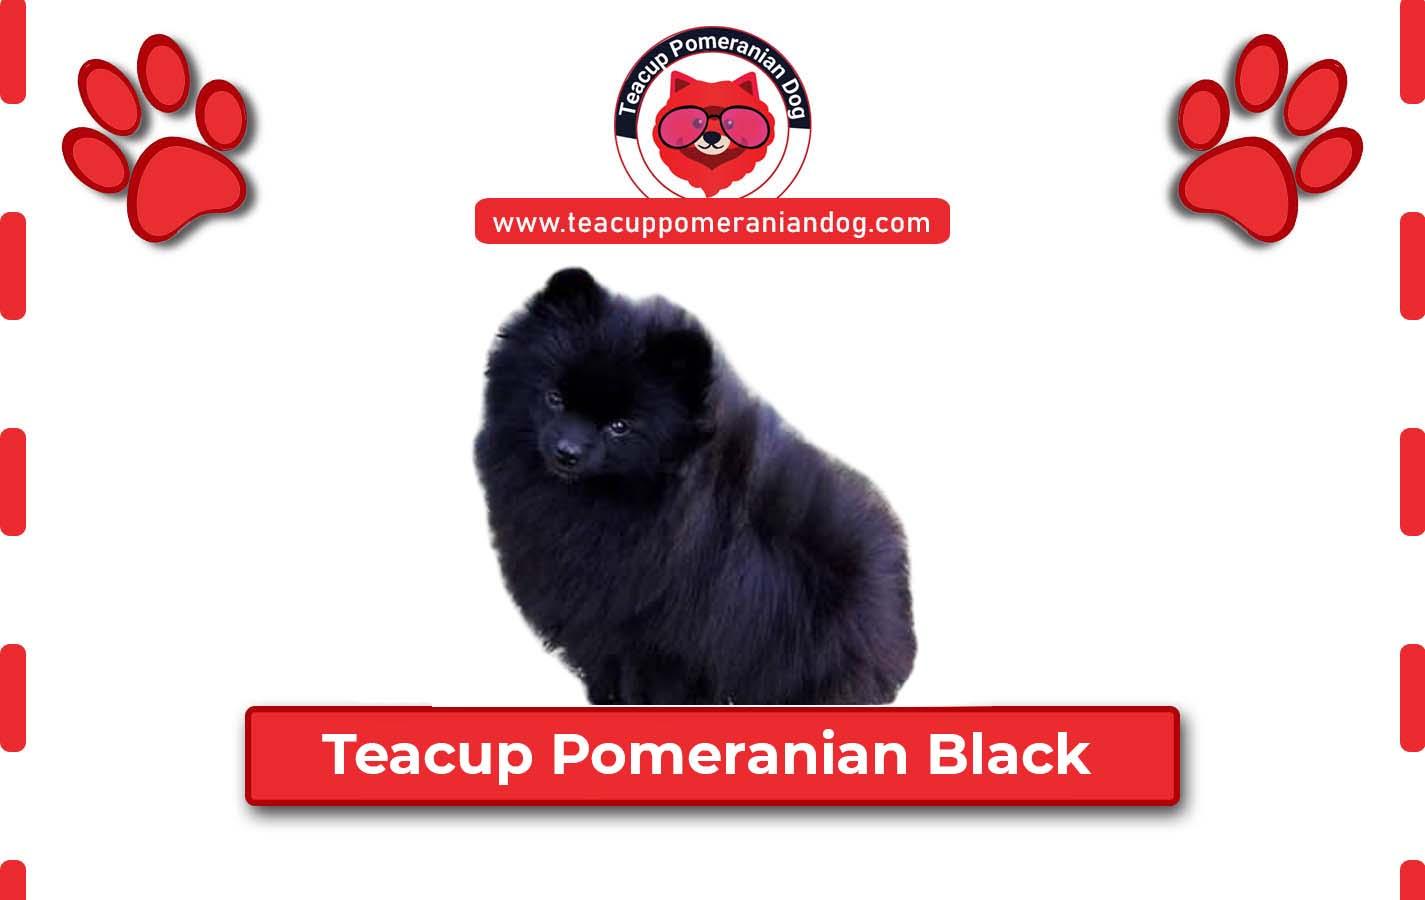 Teacup Pomeranian Black